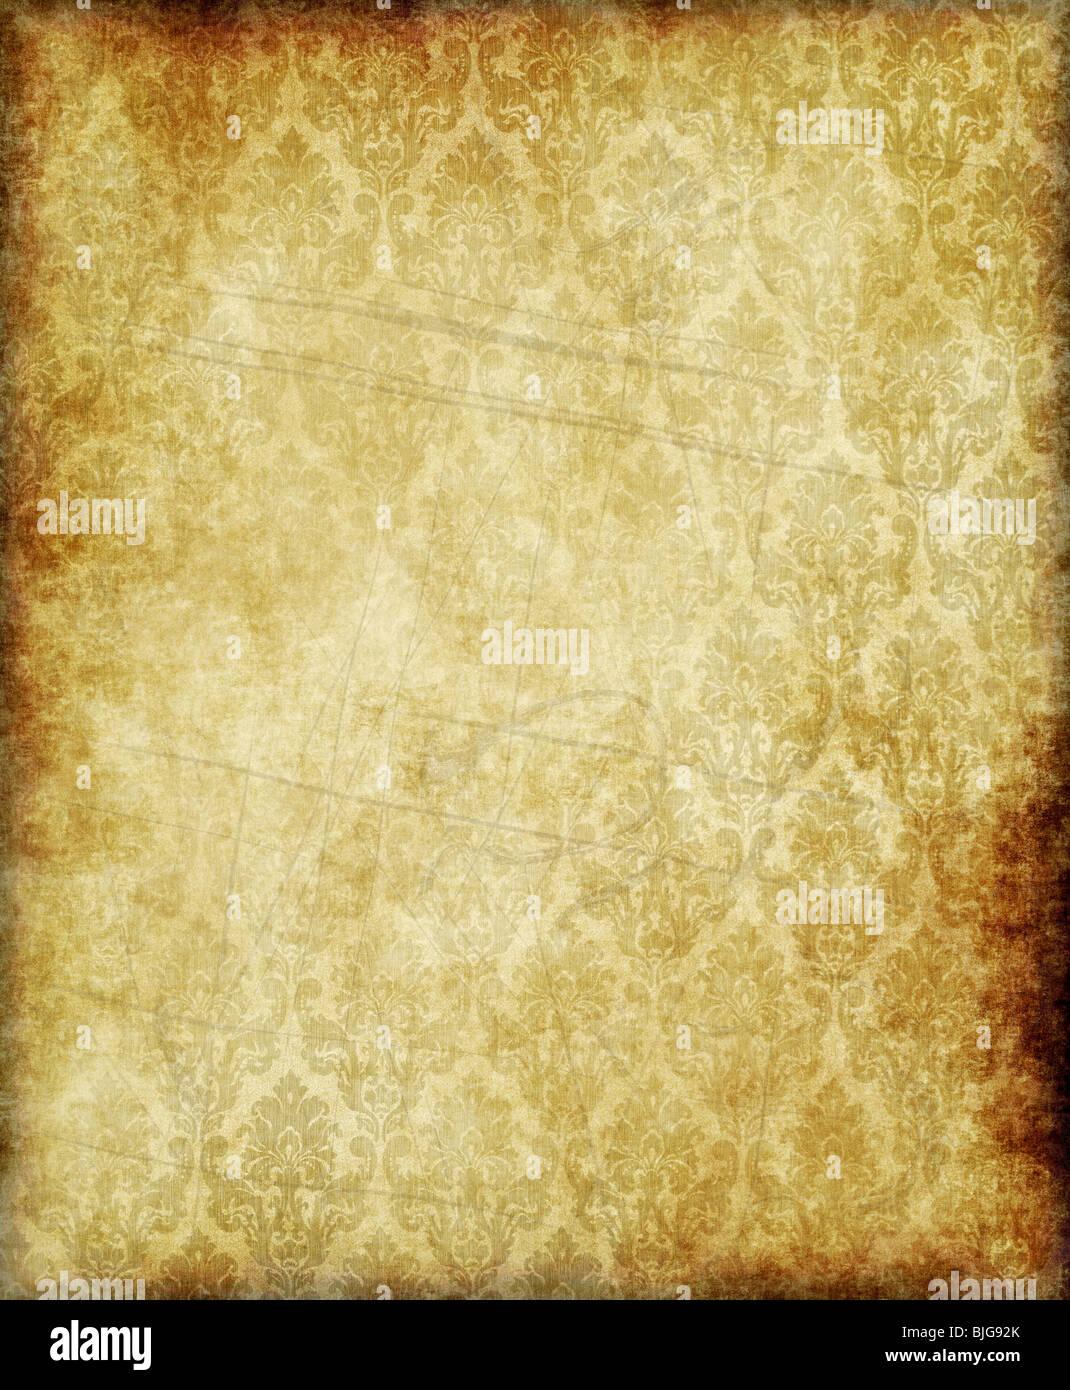 Grande vecchia carta pergamena o texture di sfondo Immagini Stock